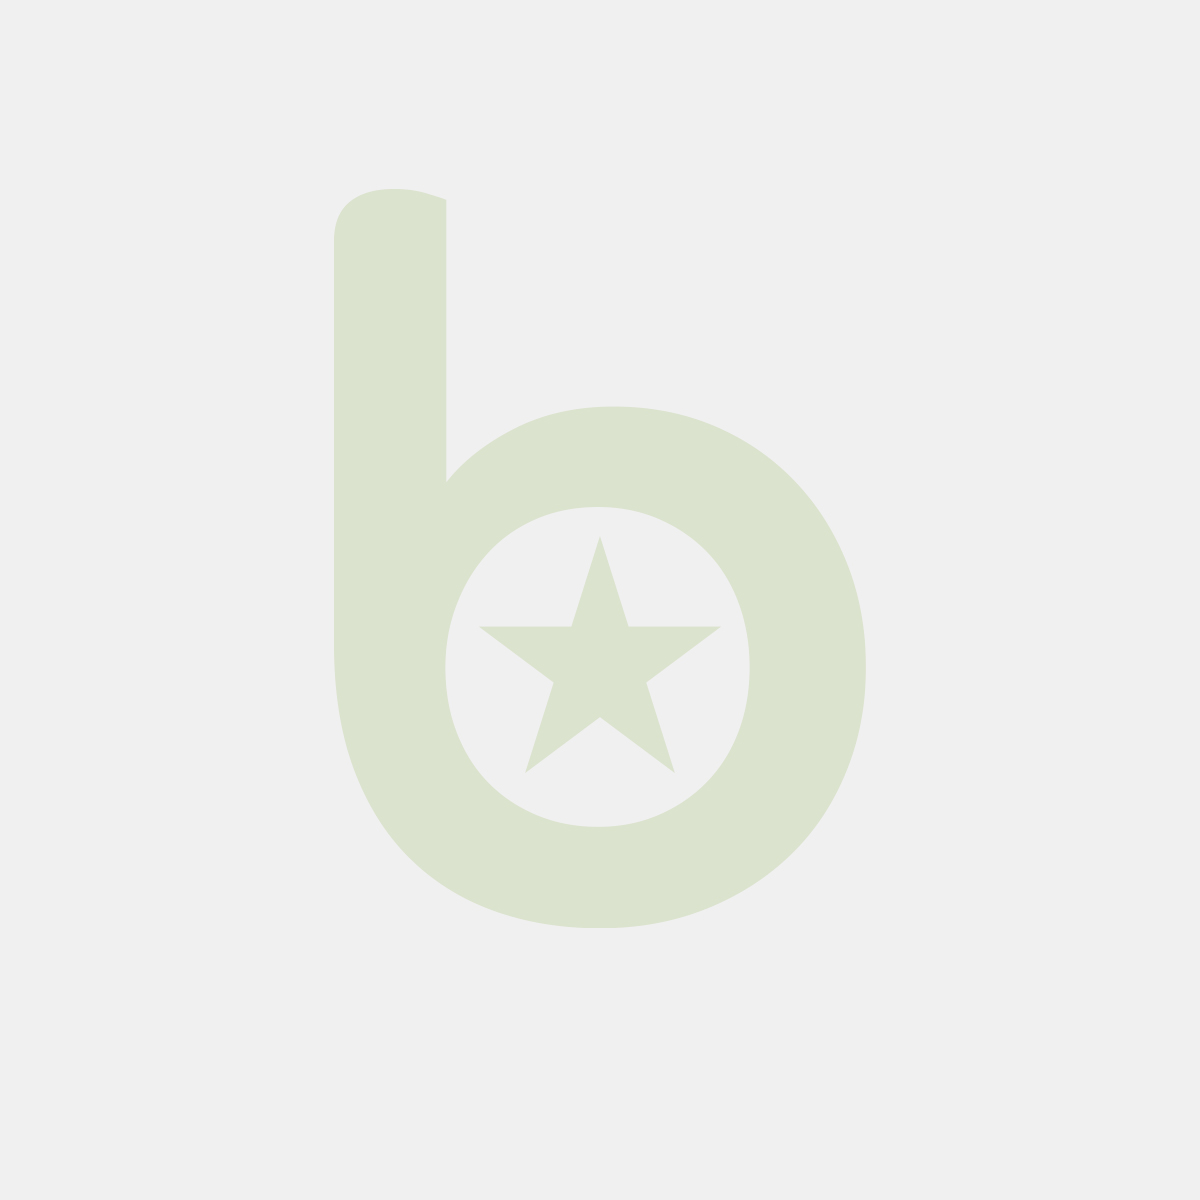 Bloczek samoprzylepny DONAU, 1x50 kart., gwiazdka, zawieszka, pomarańczowy